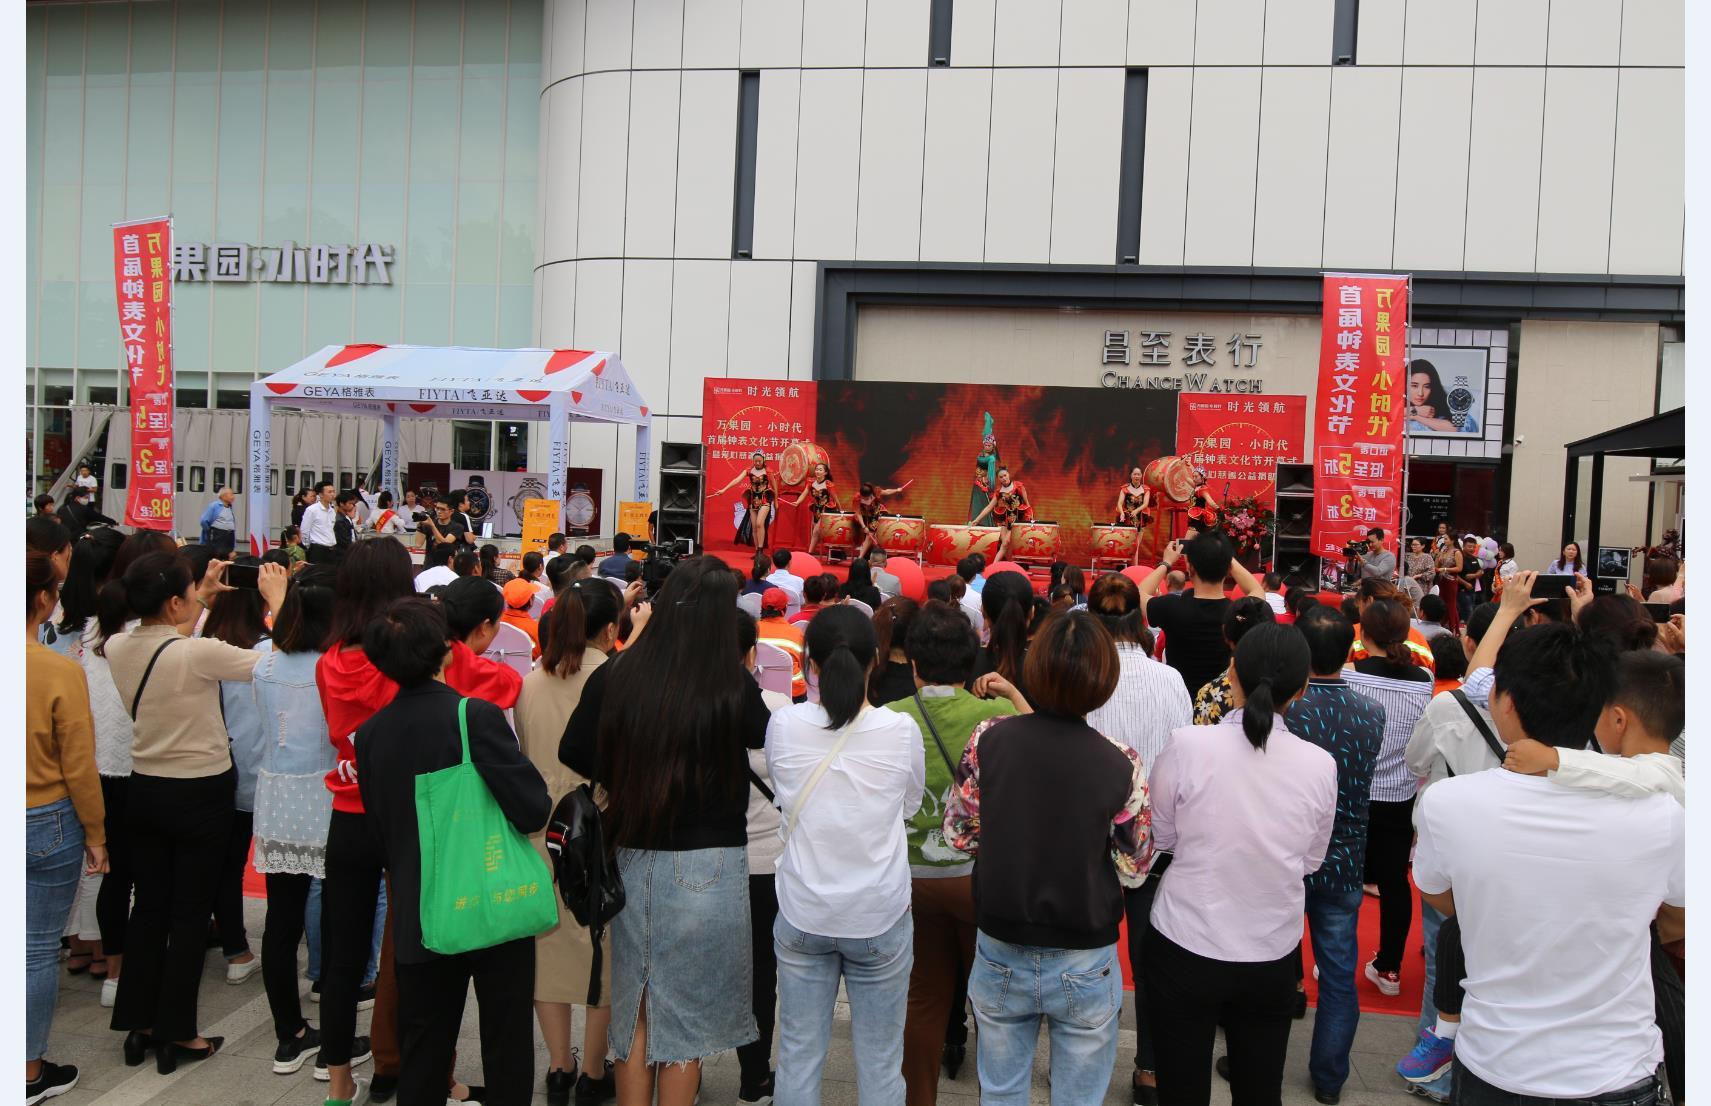 小时代隆重举办首届钟表文化节 暨爱心慈善公益捐赠活动